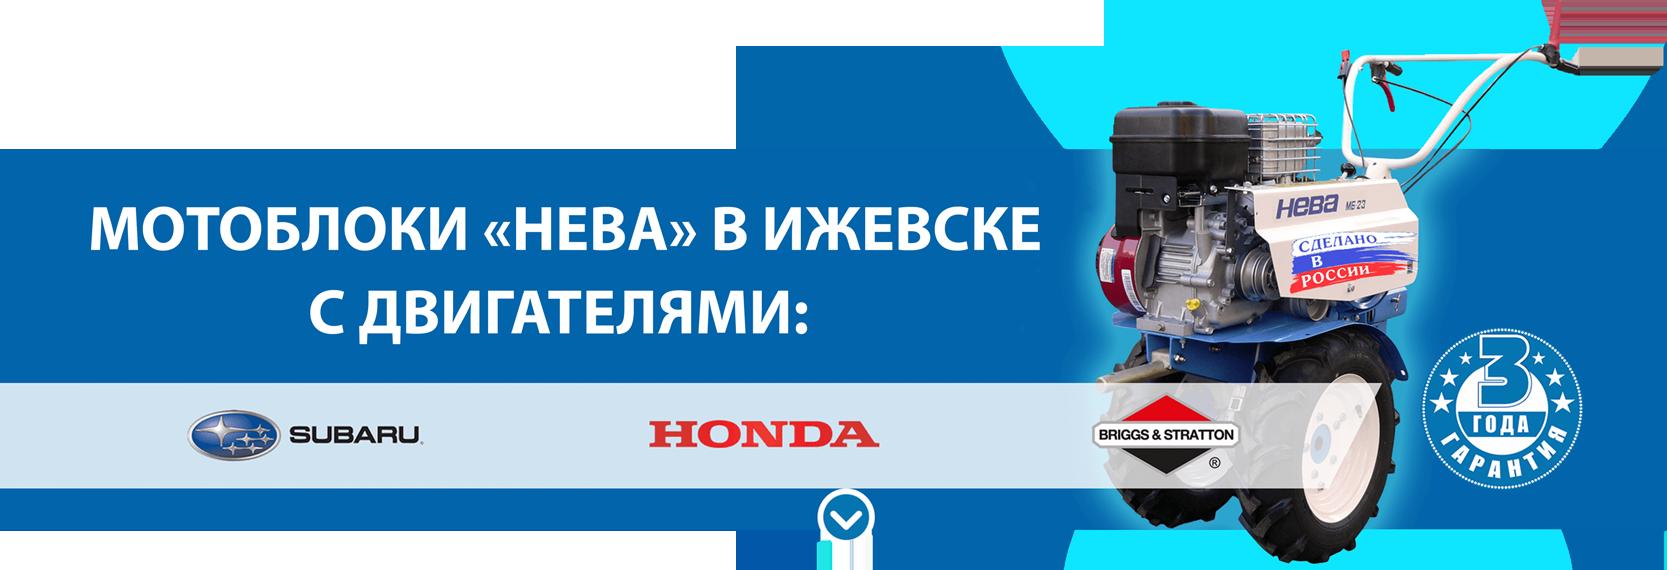 Мотоблоки НЕВА